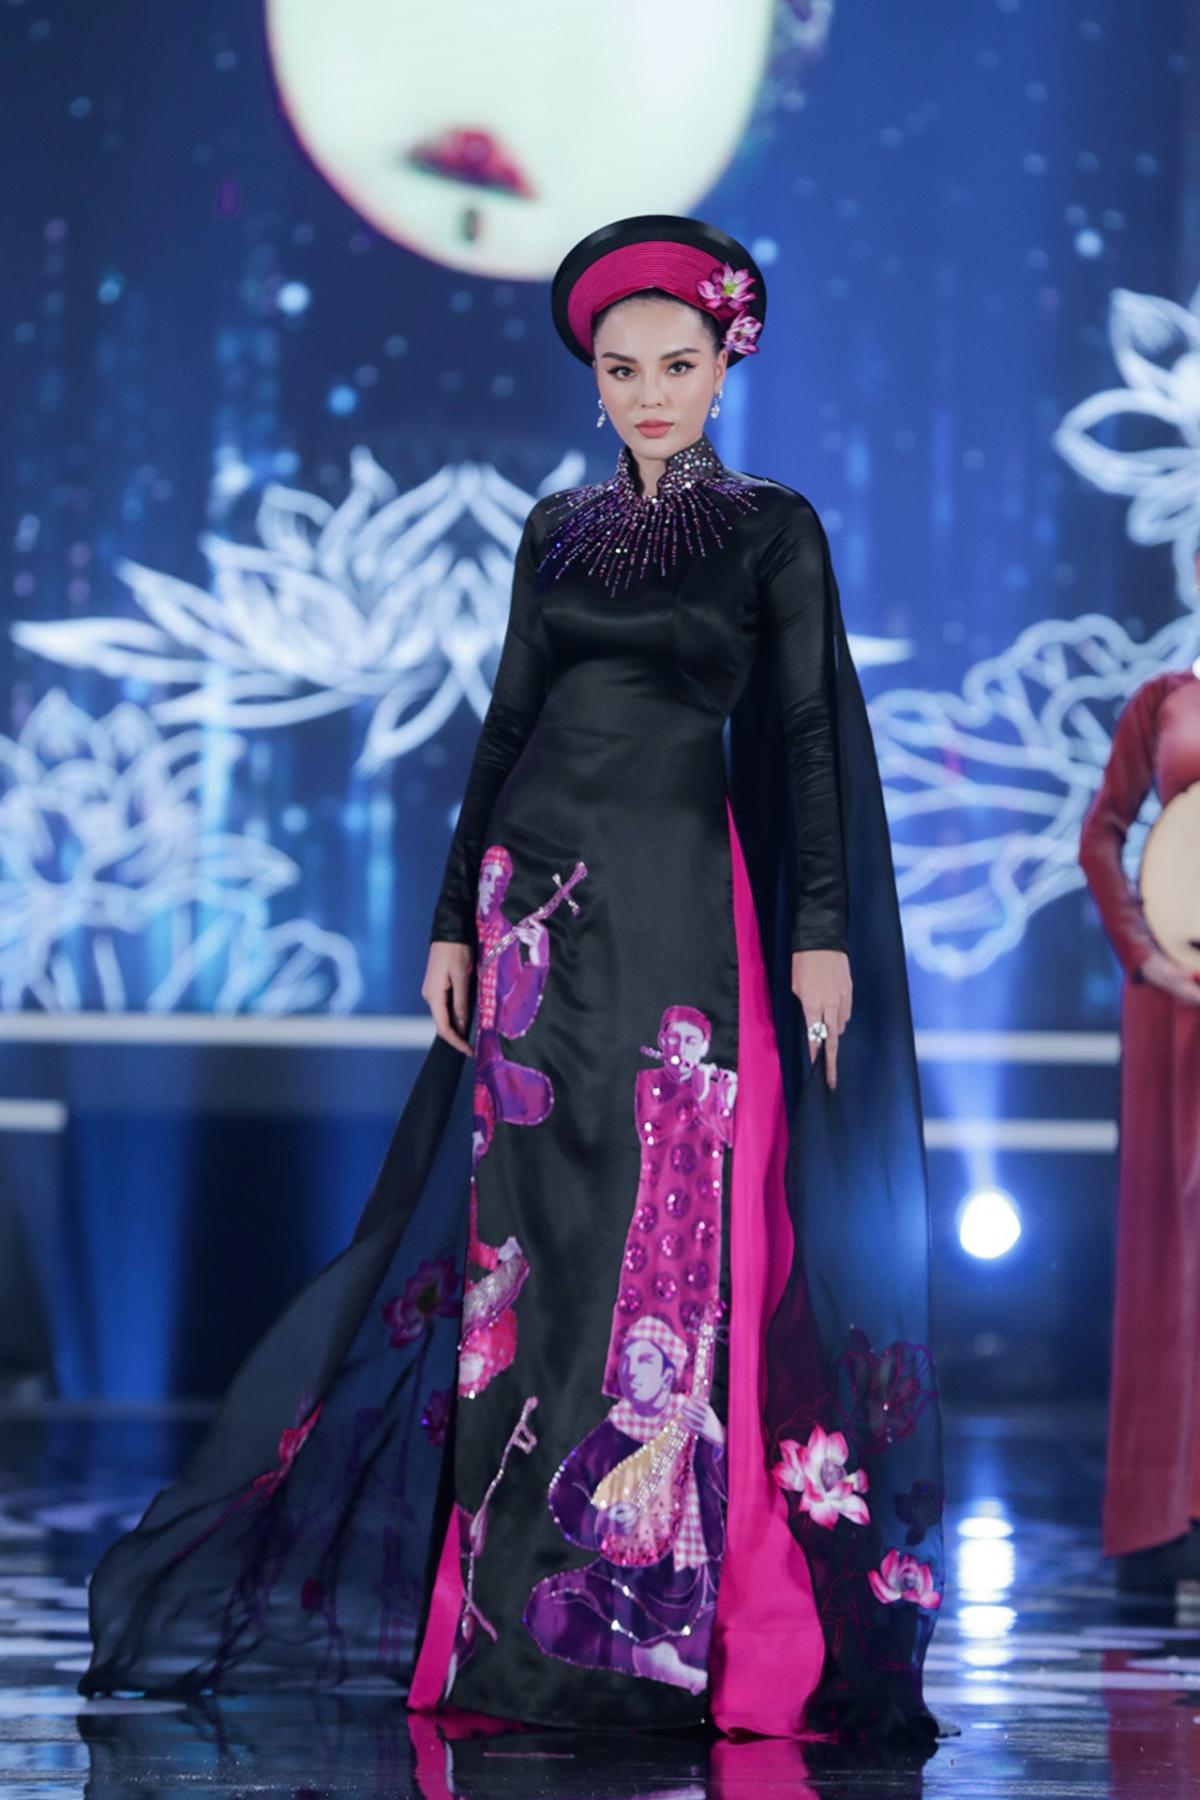 Kế đến, Hoa hậu Kỳ Duyên xuất hiện cực thần thái trong áo dài họa tiết đờn ca tài tử do NTK La Sen Vũ tạo nên.